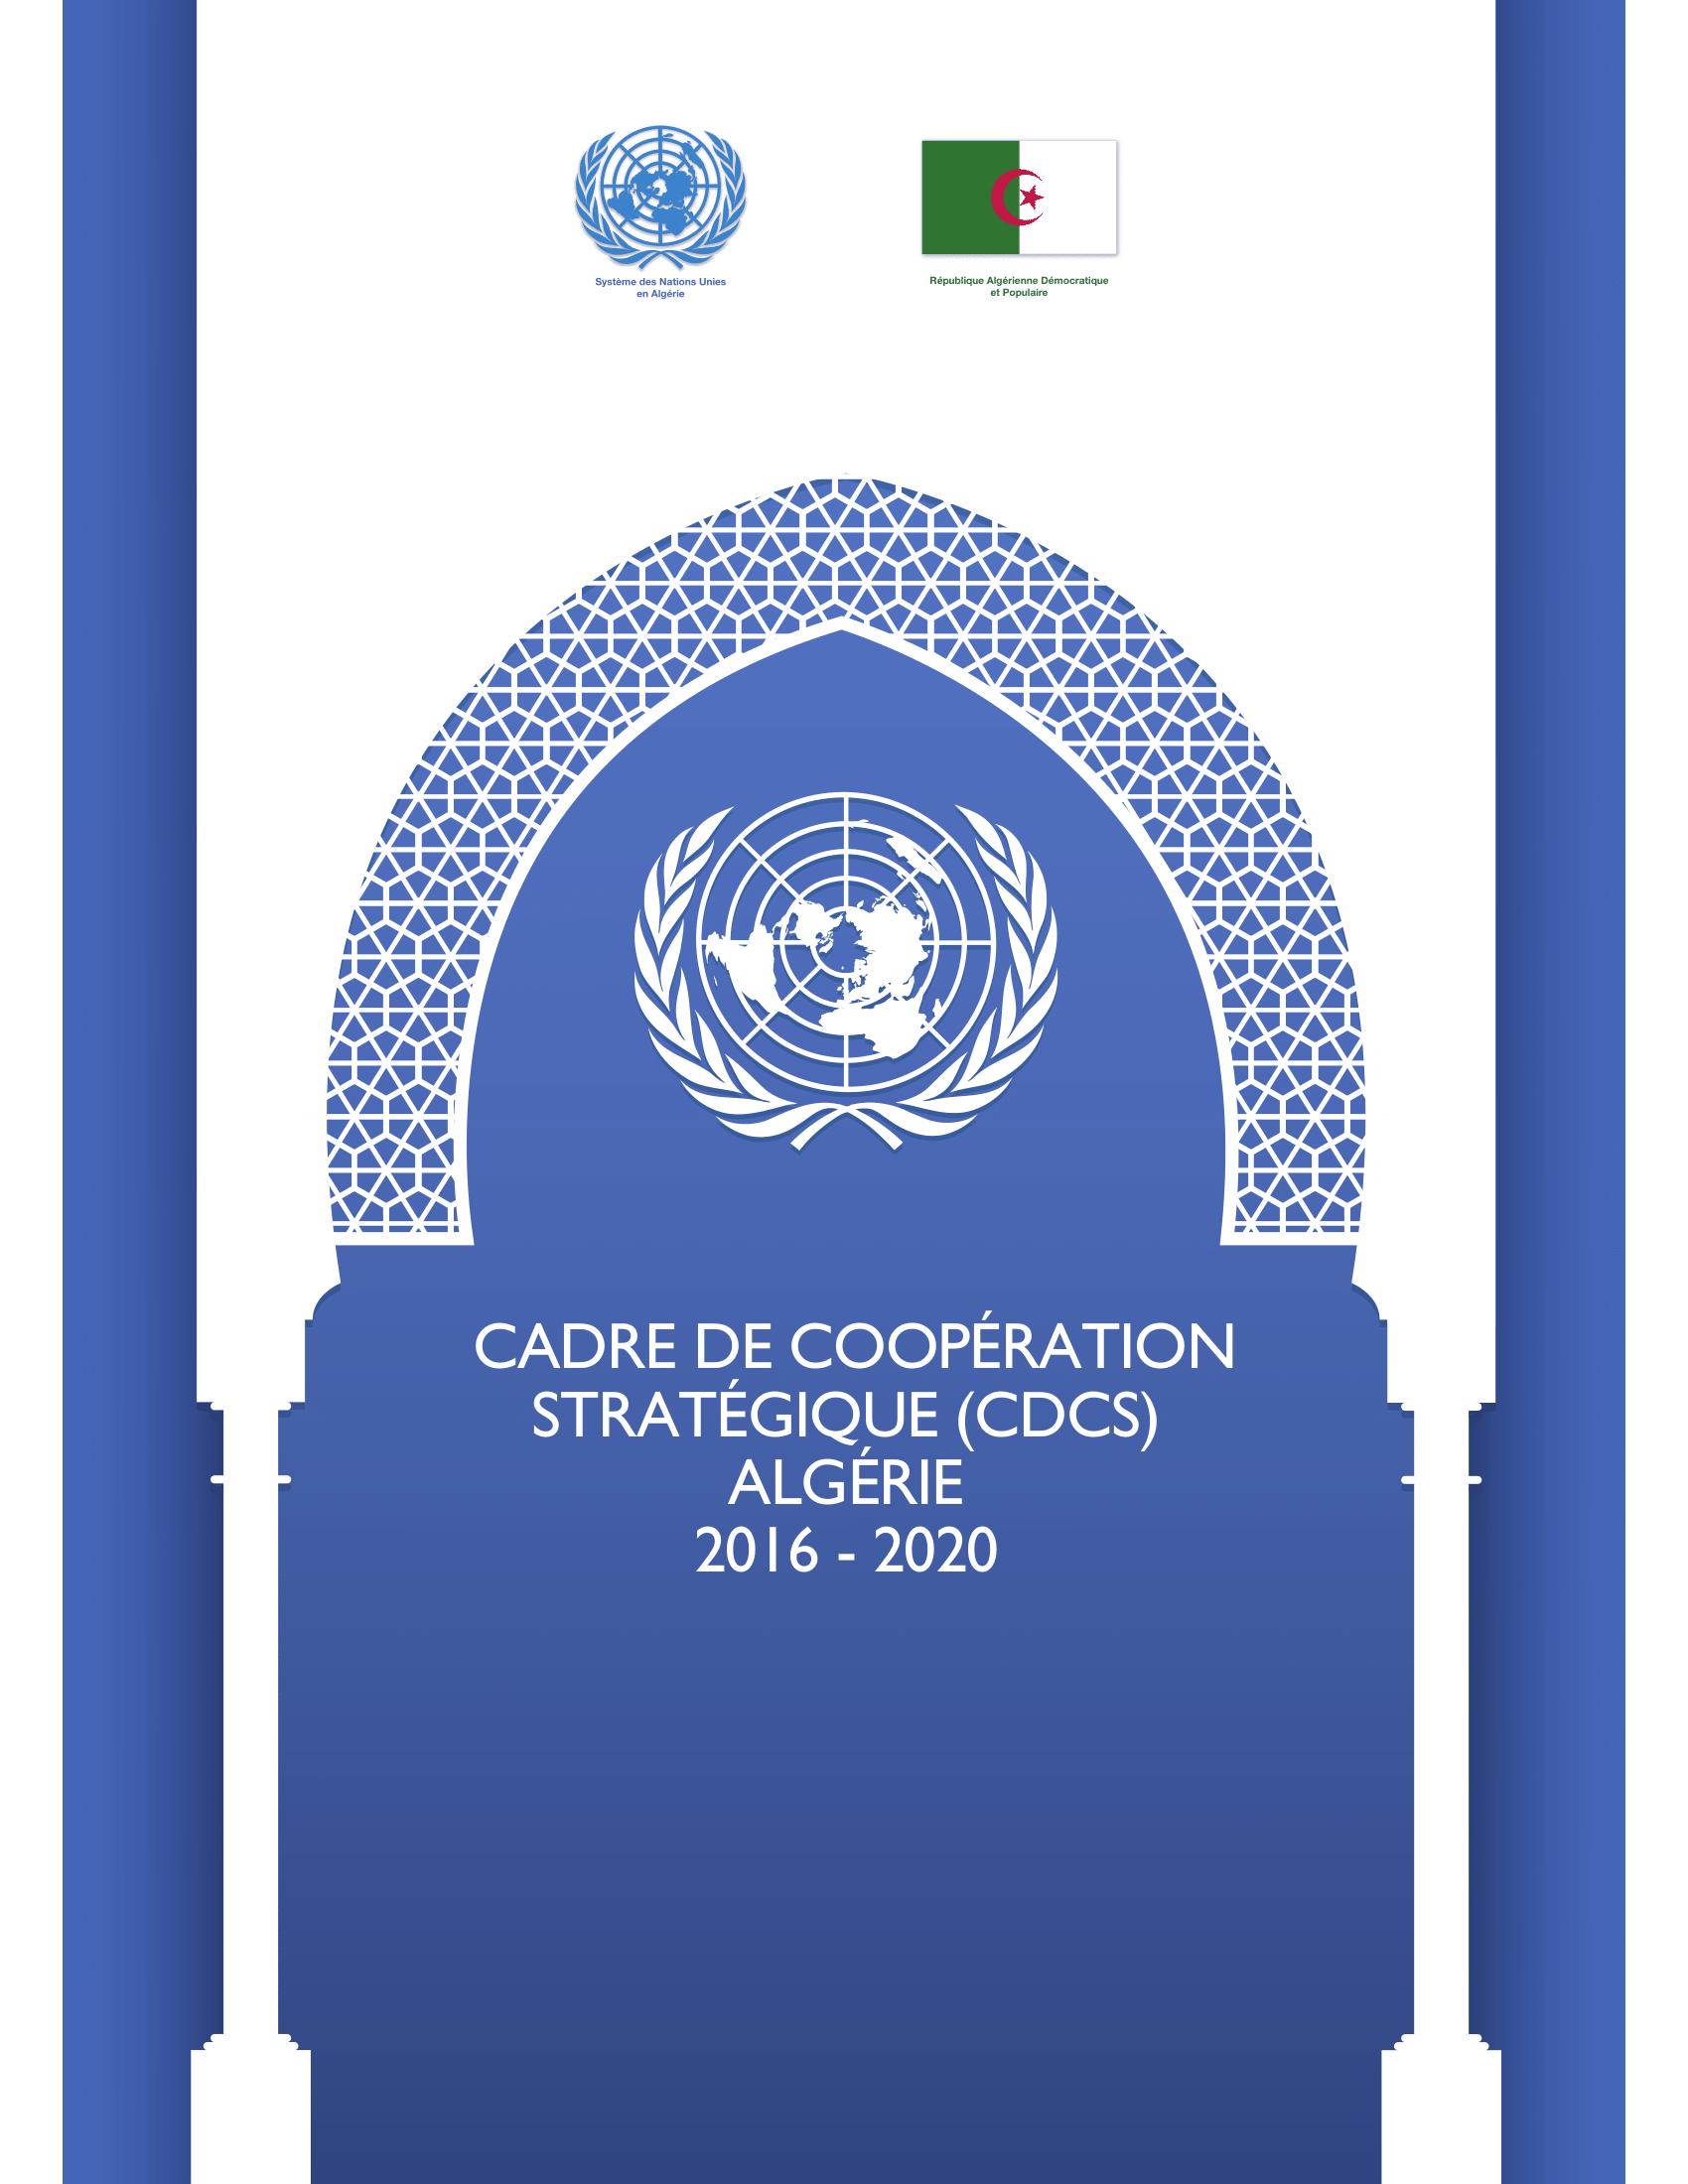 Cadre de coopération stratégique 2016-2020